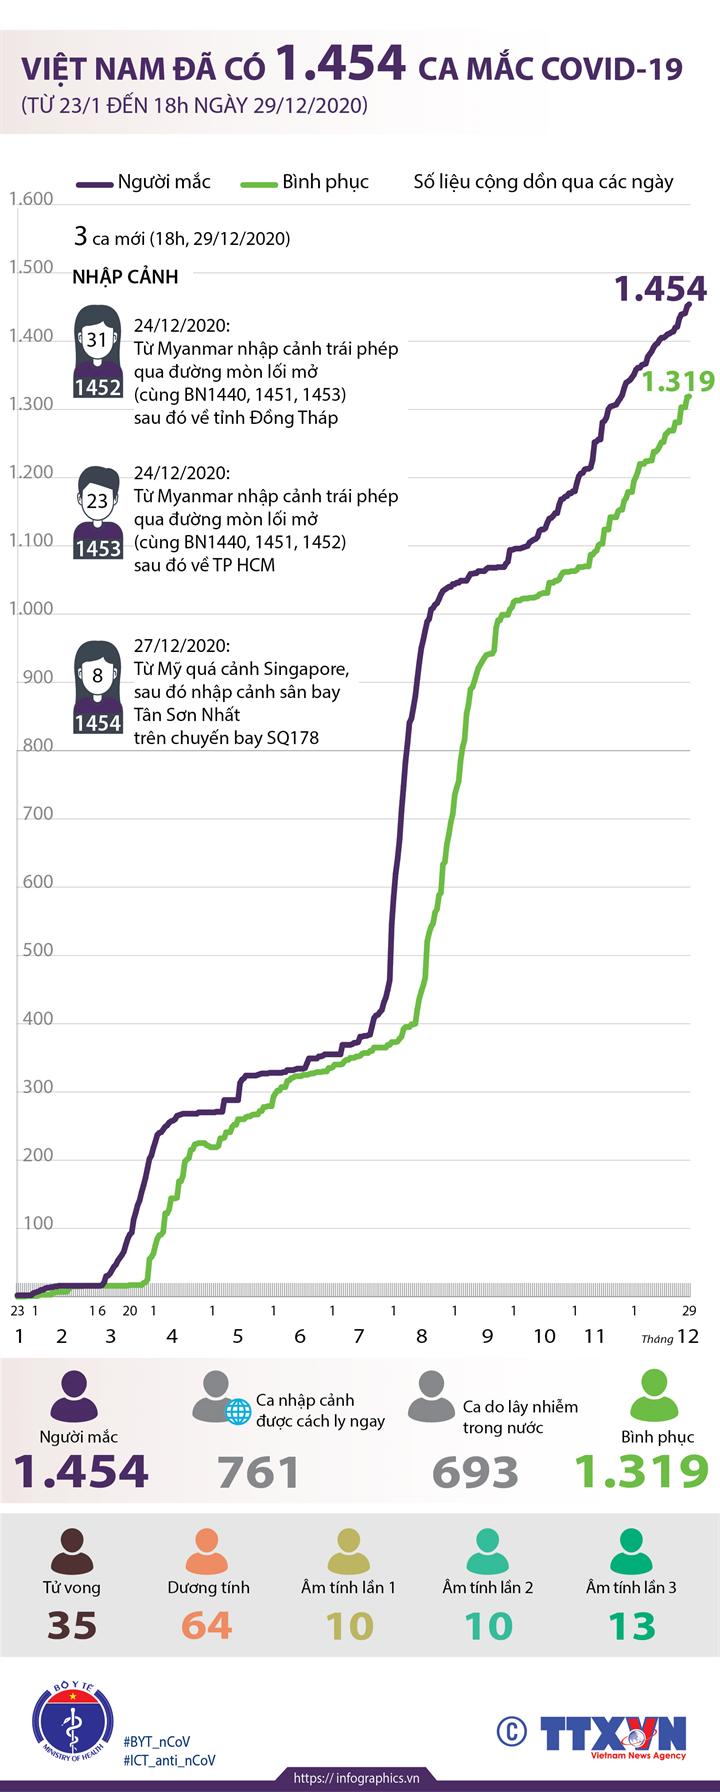 Việt Nam đã có 1.454 ca mắc COVID-19 (từ 23/1 đến 18h ngày 29/12/2020)